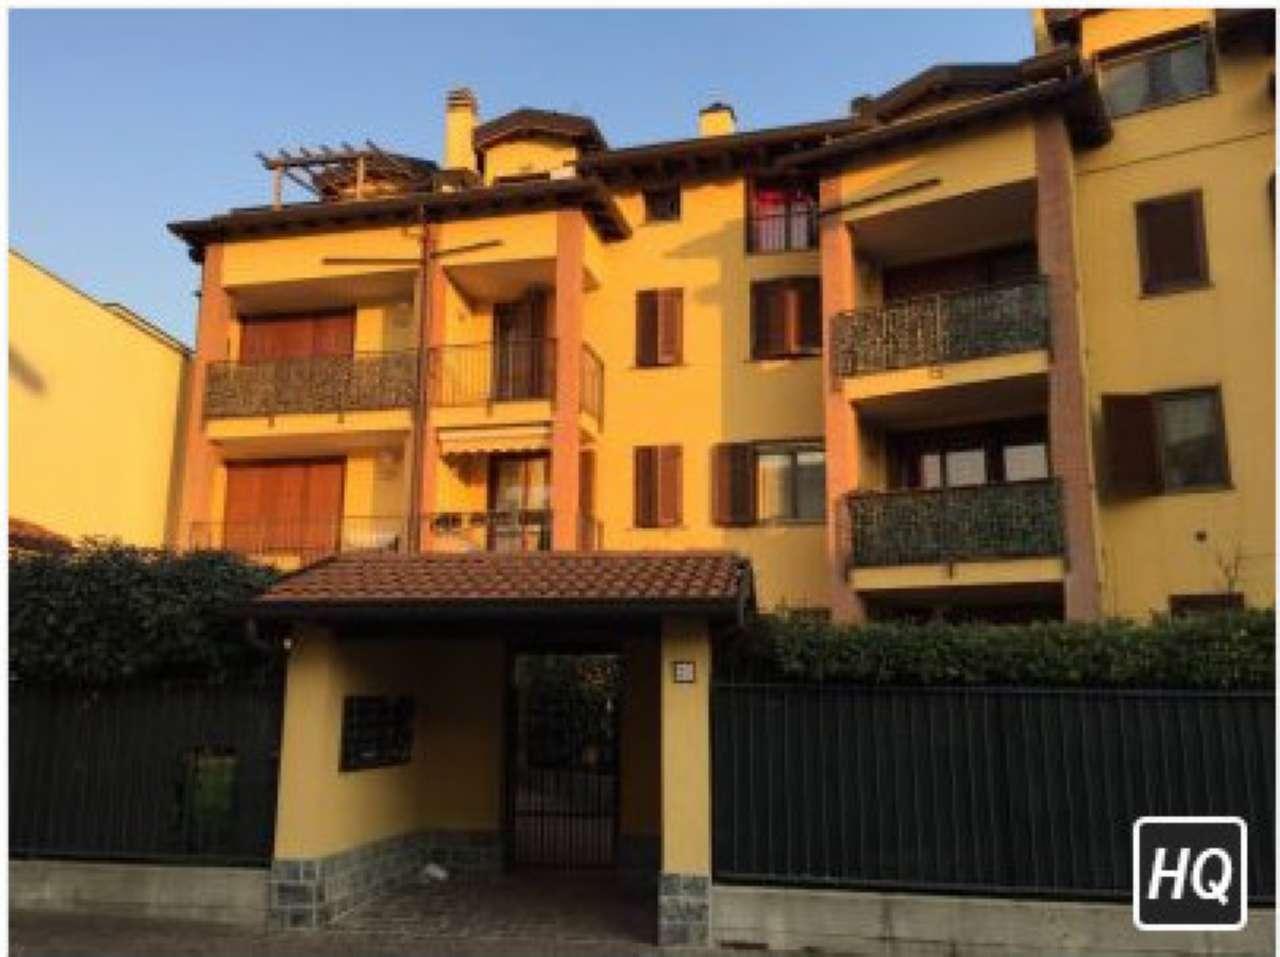 Appartamento in affitto a Brugherio, 3 locali, prezzo € 750 | Cambio Casa.it